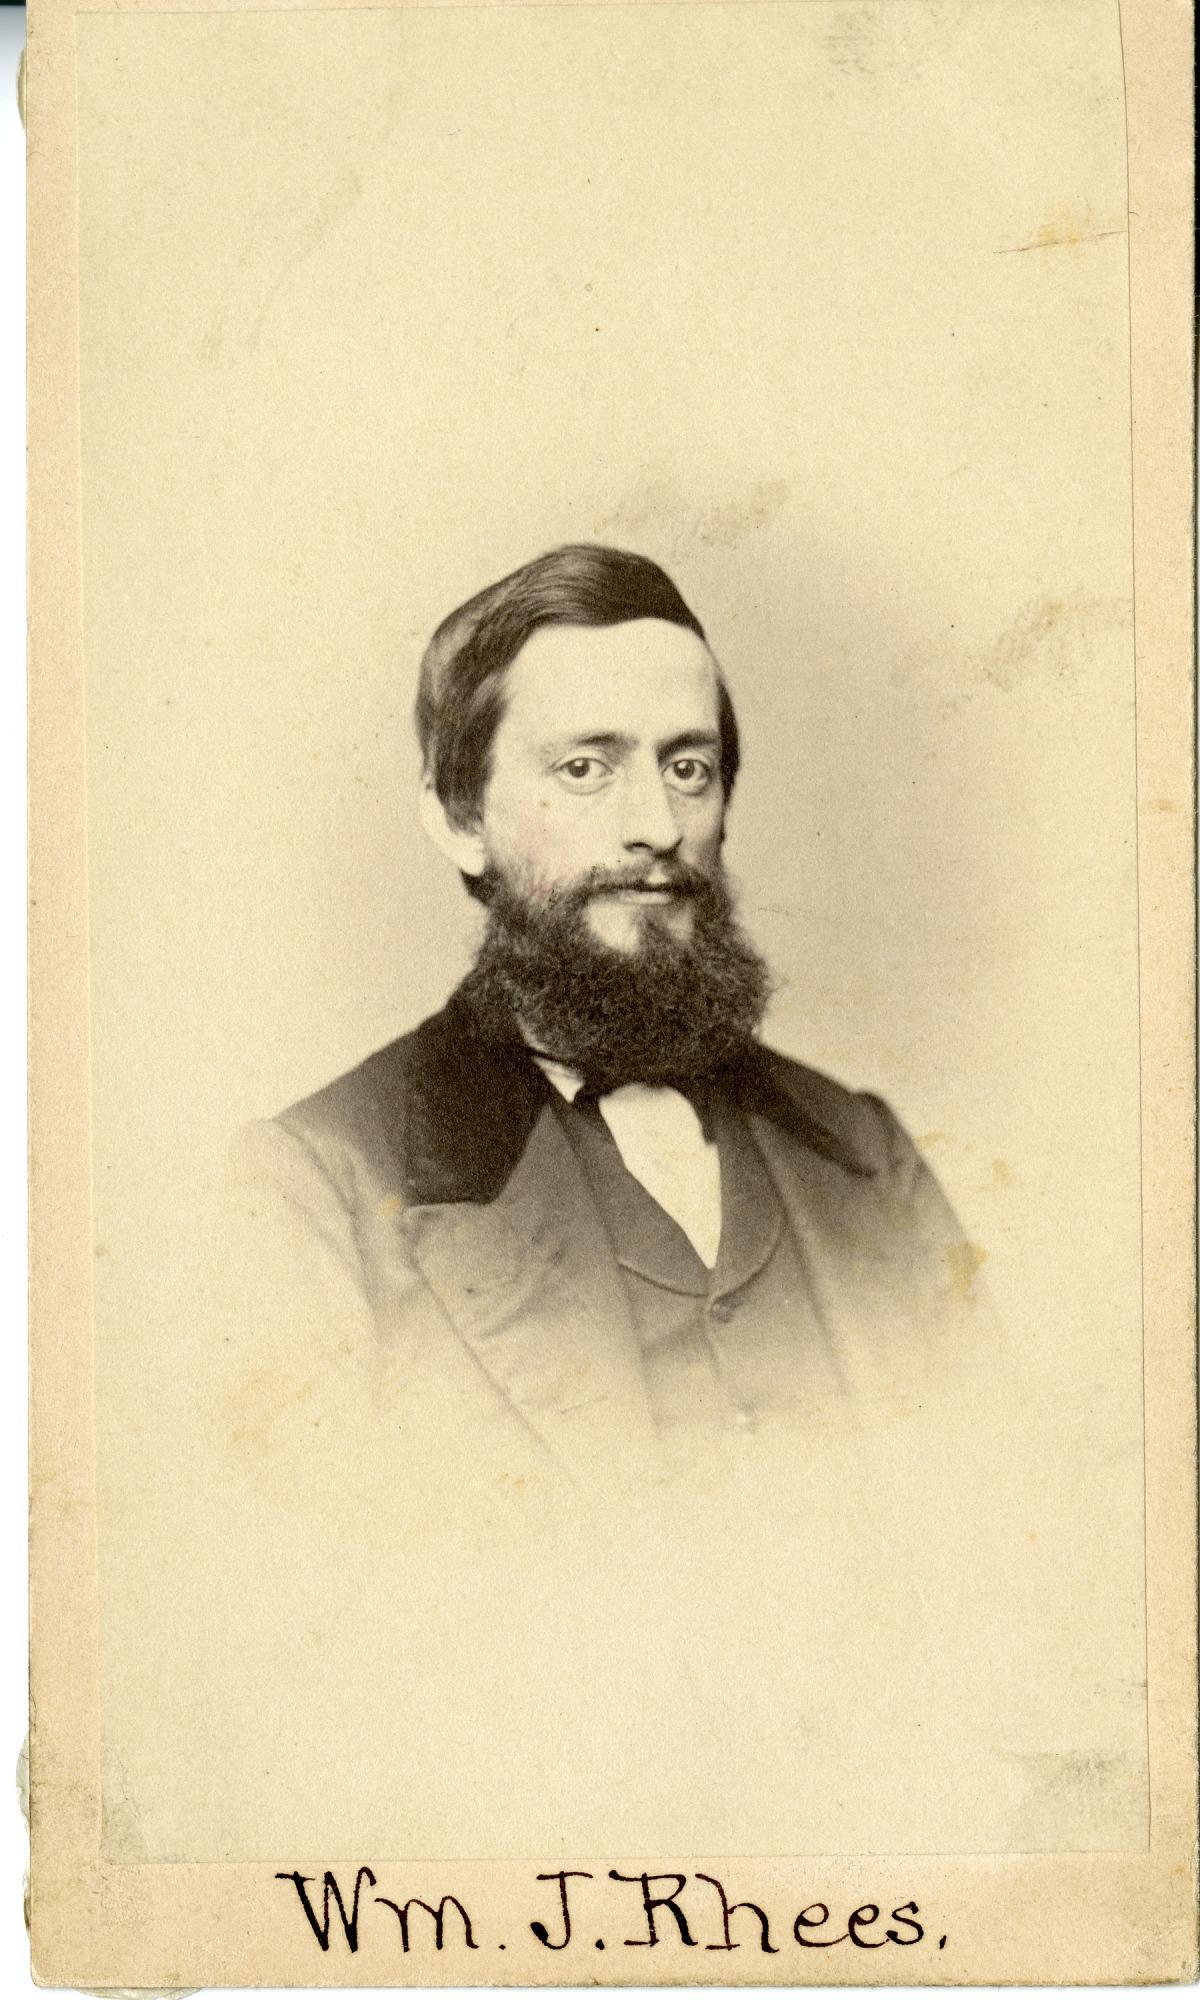 William J. Rhees